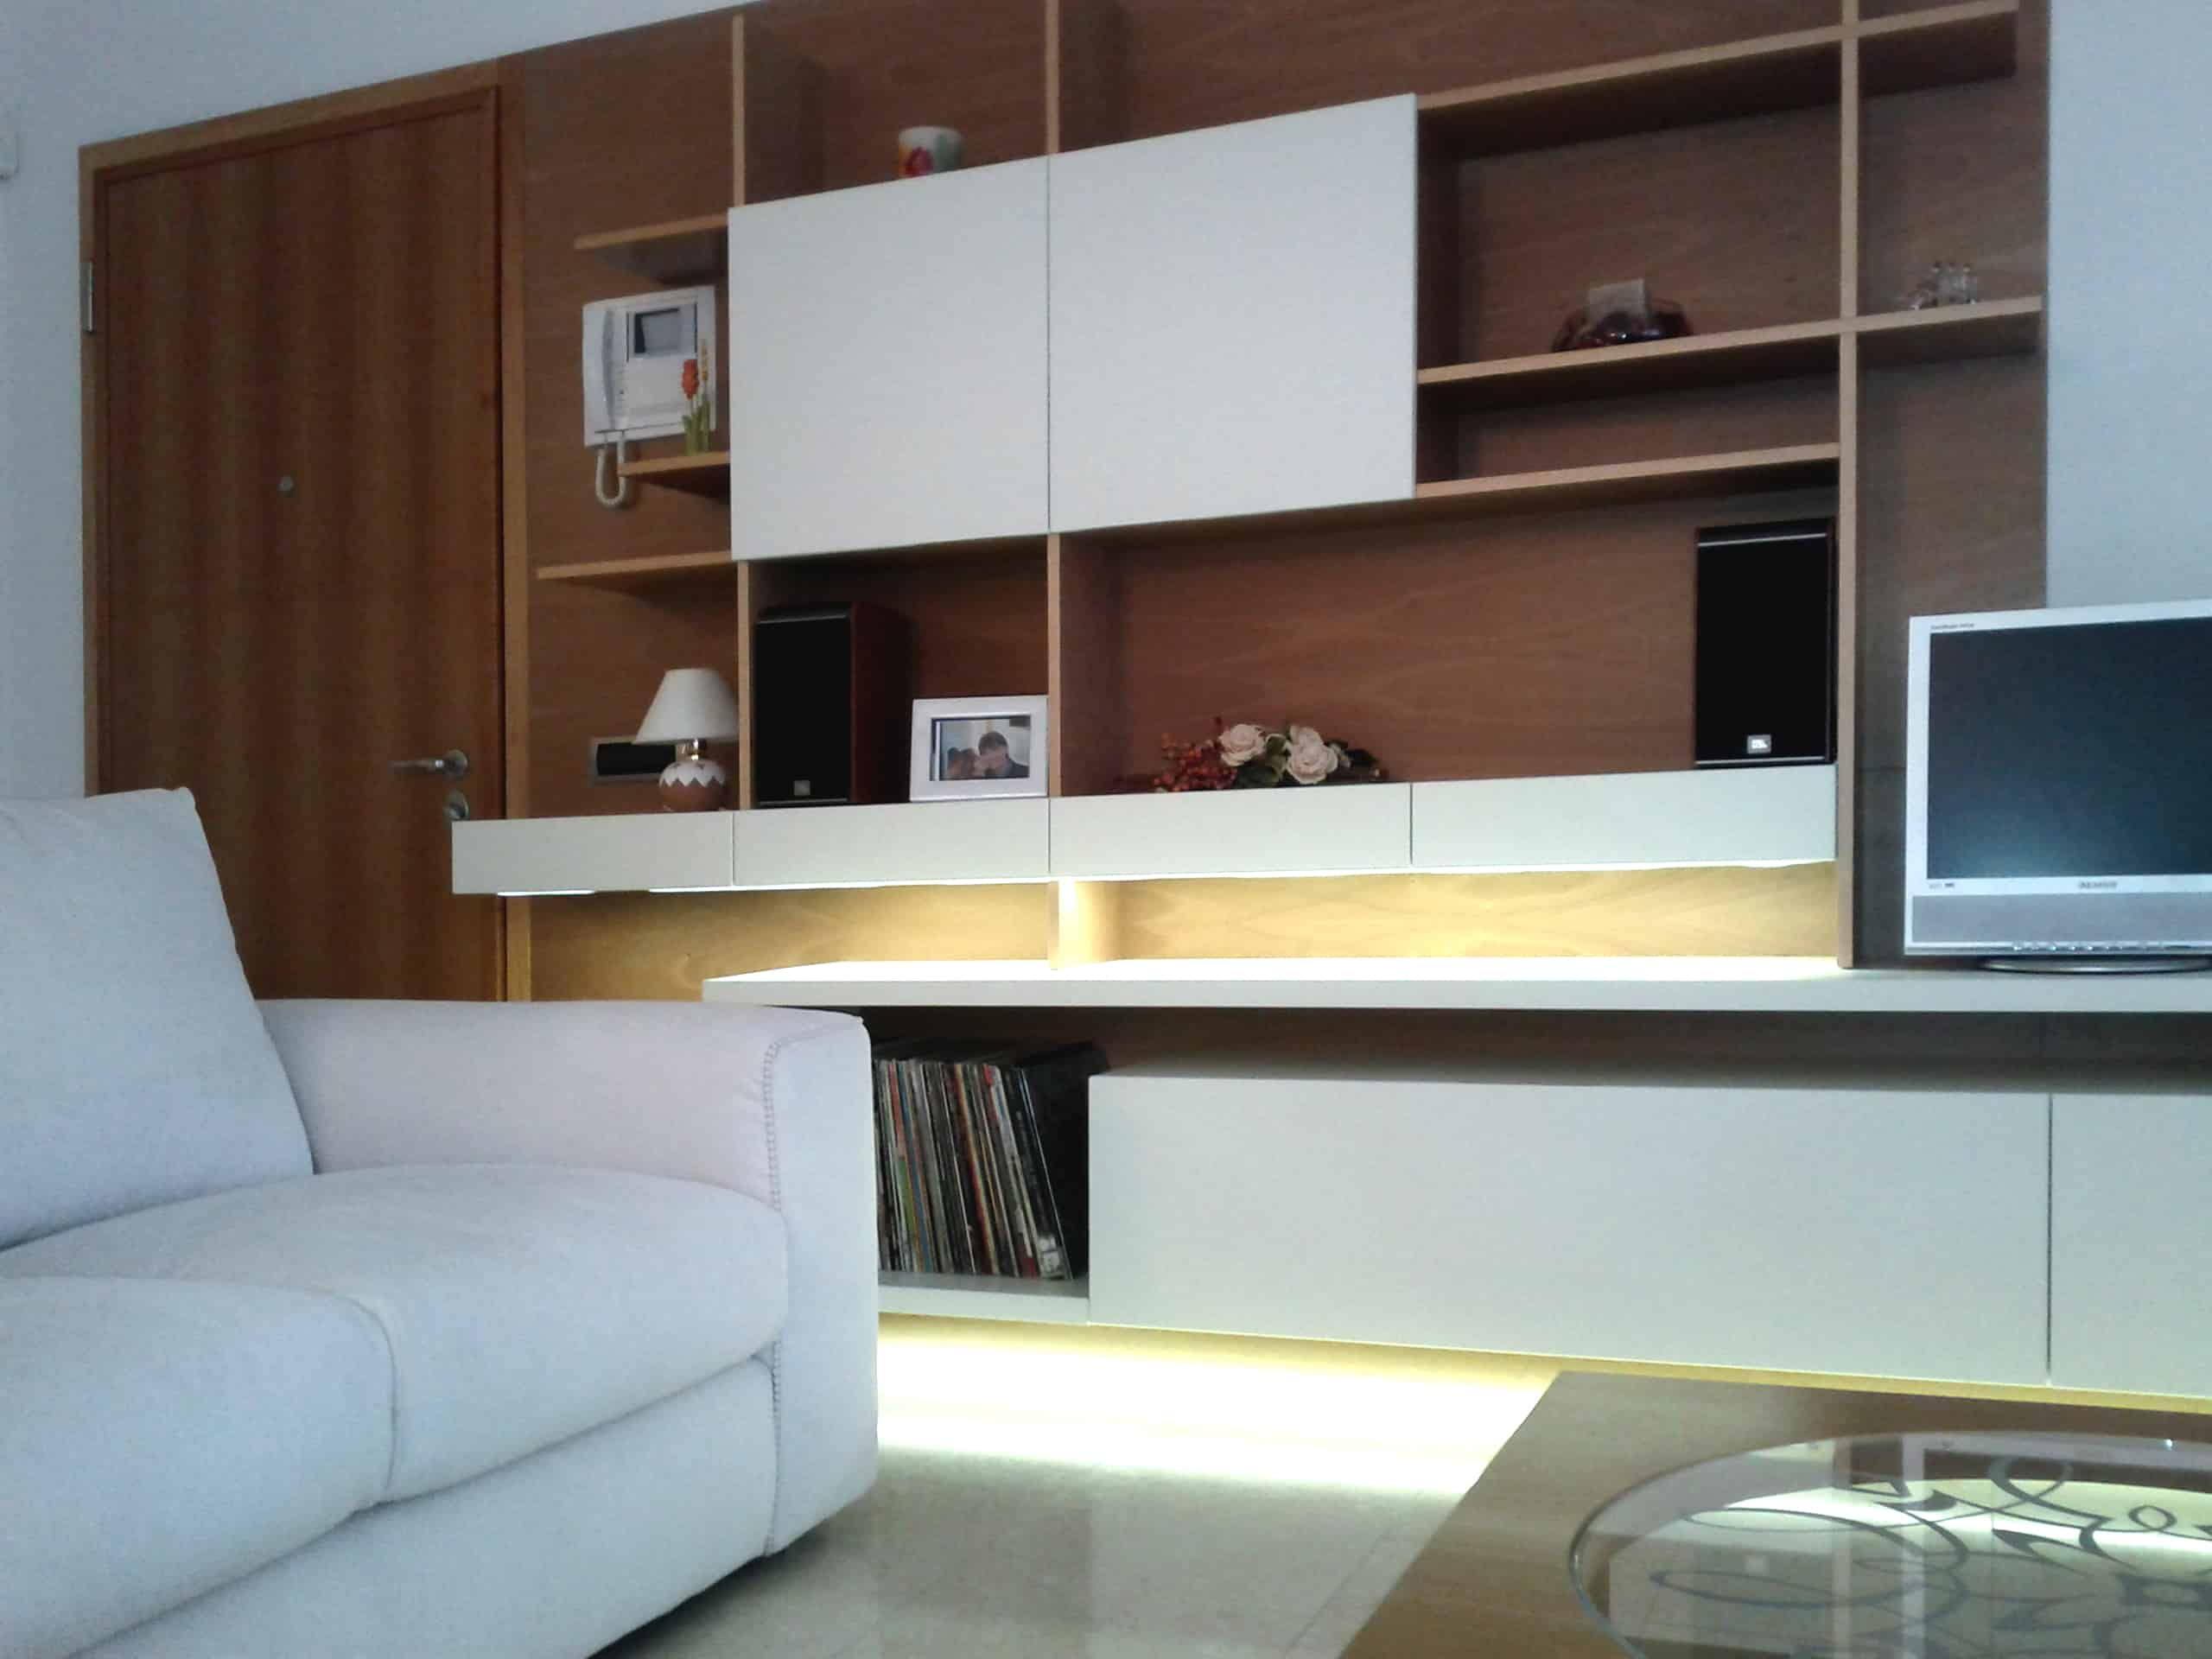 Lampadari per salone moderno il meglio del design degli - Illuminazione soggiorno moderno ...